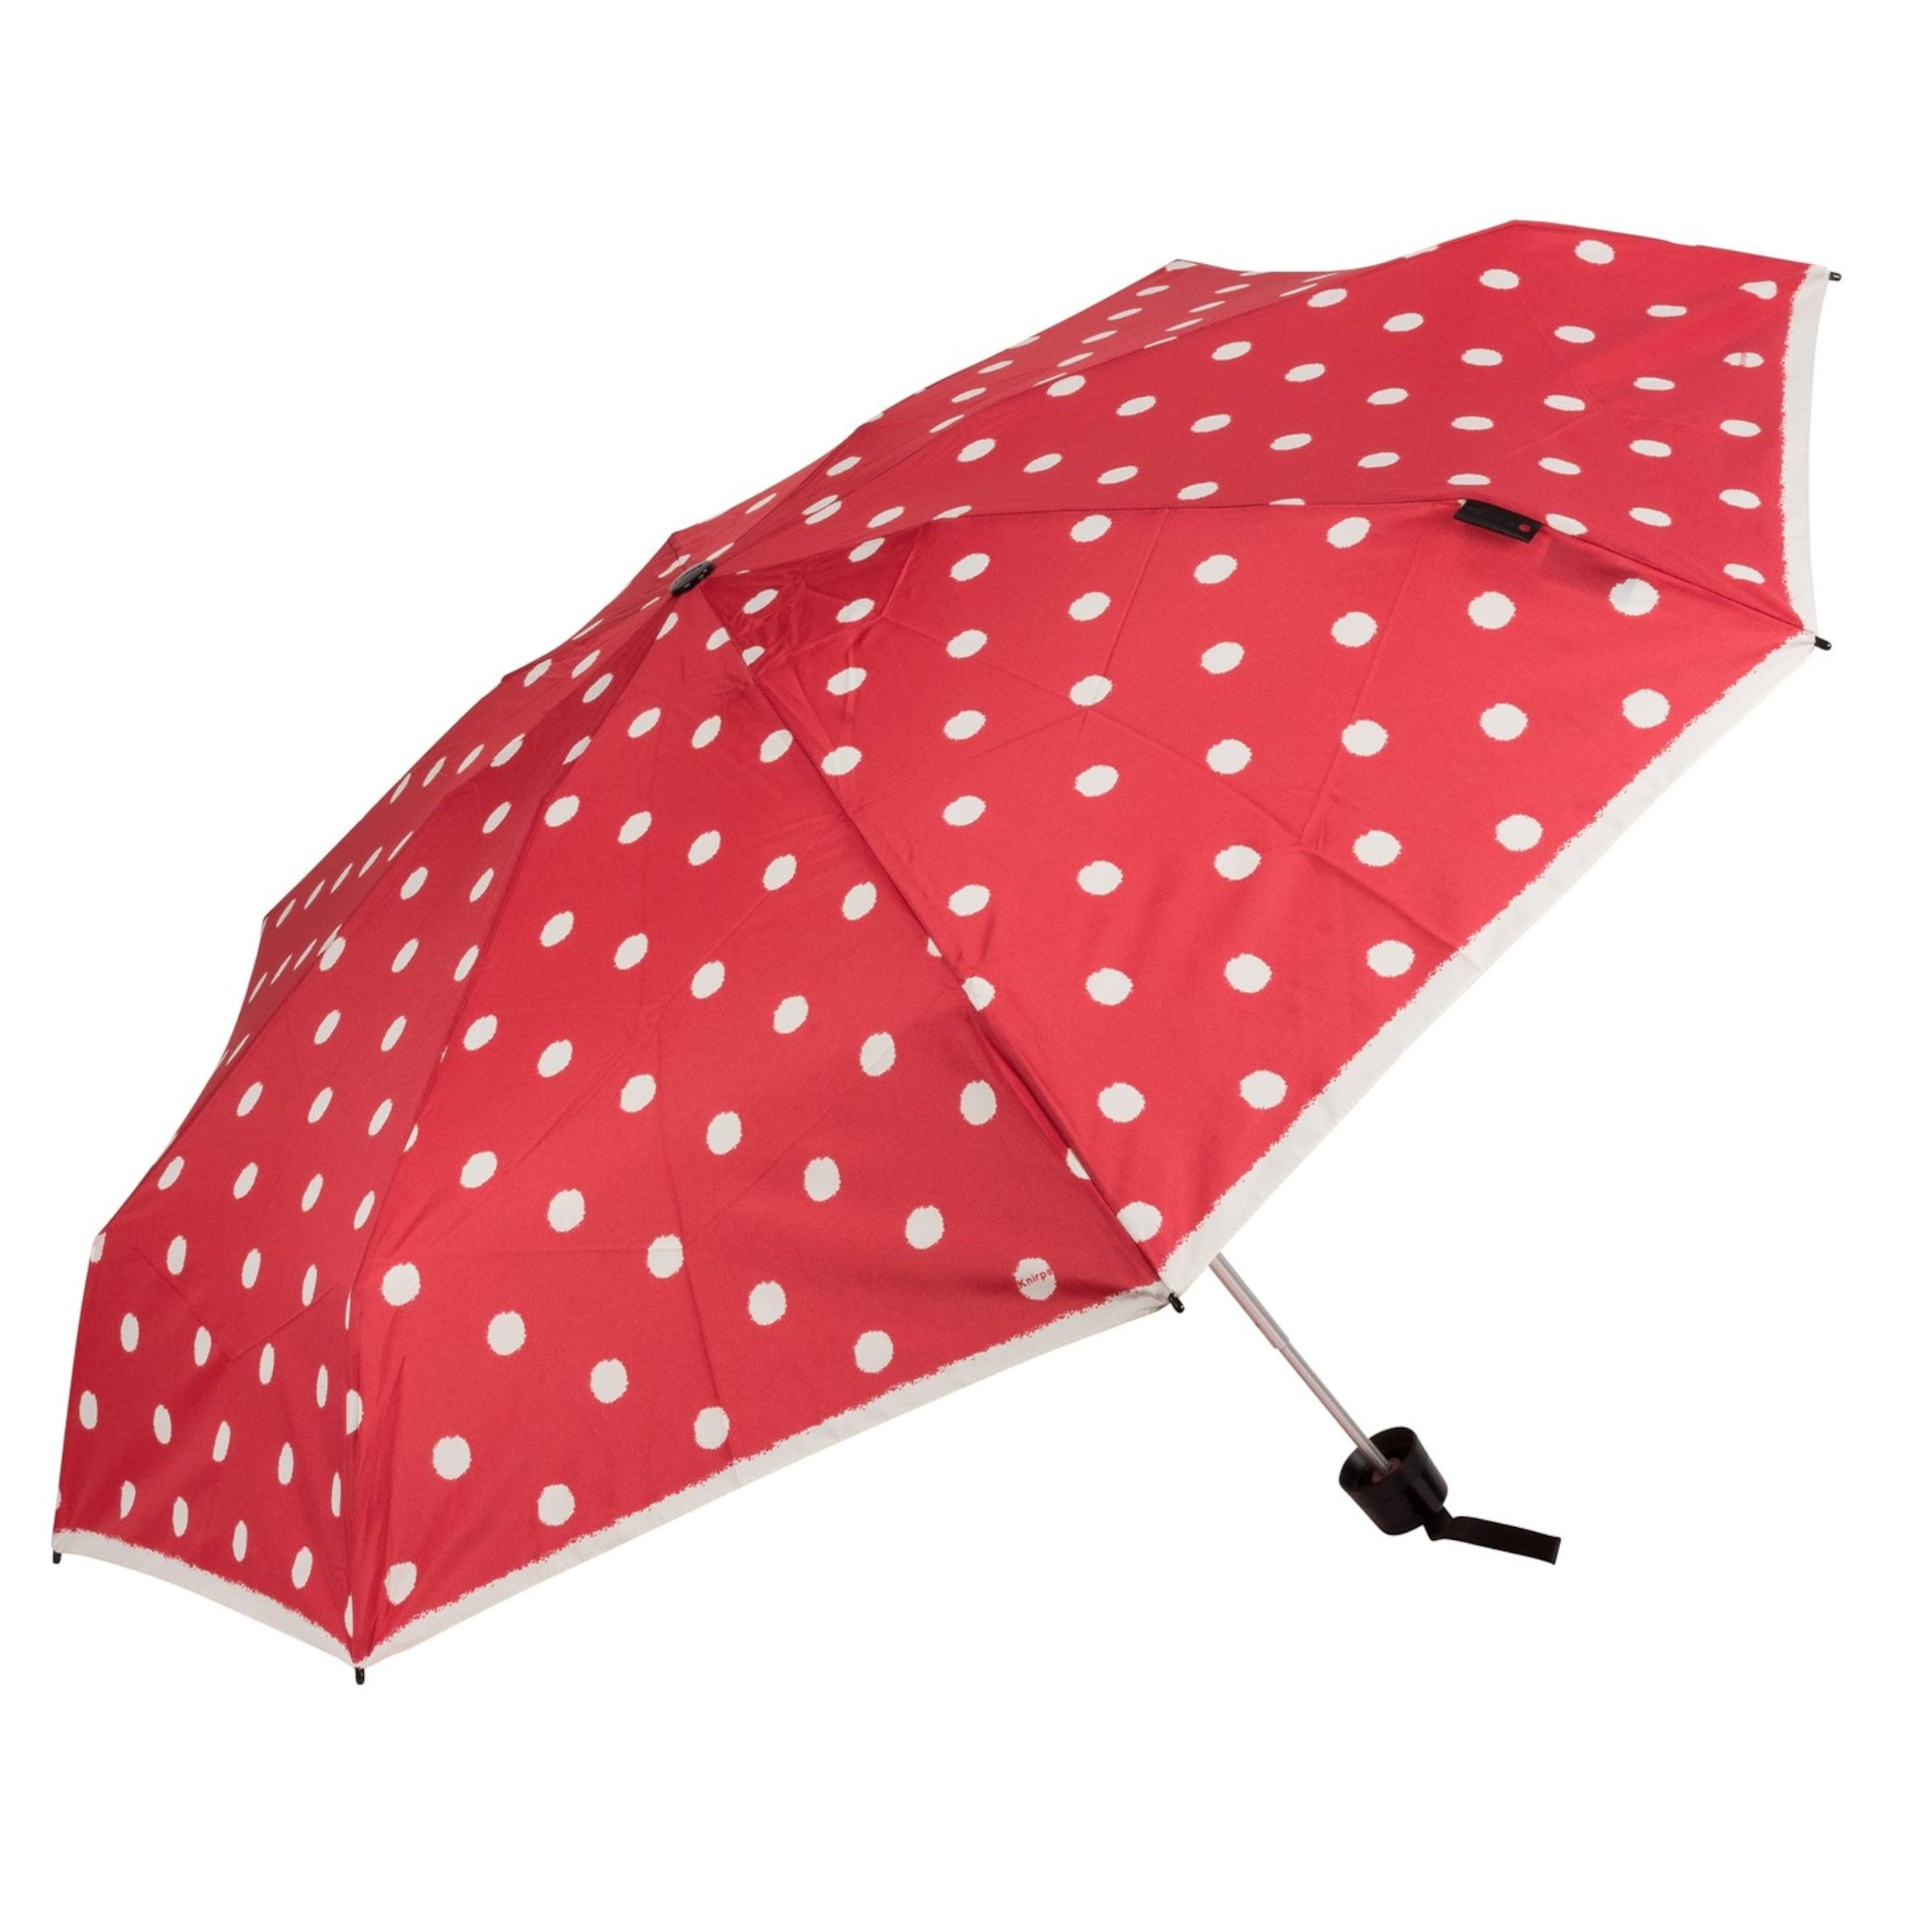 't En RougeBlanc 010 Manual' Parapluie Knirps Small jqGzUVLSMp